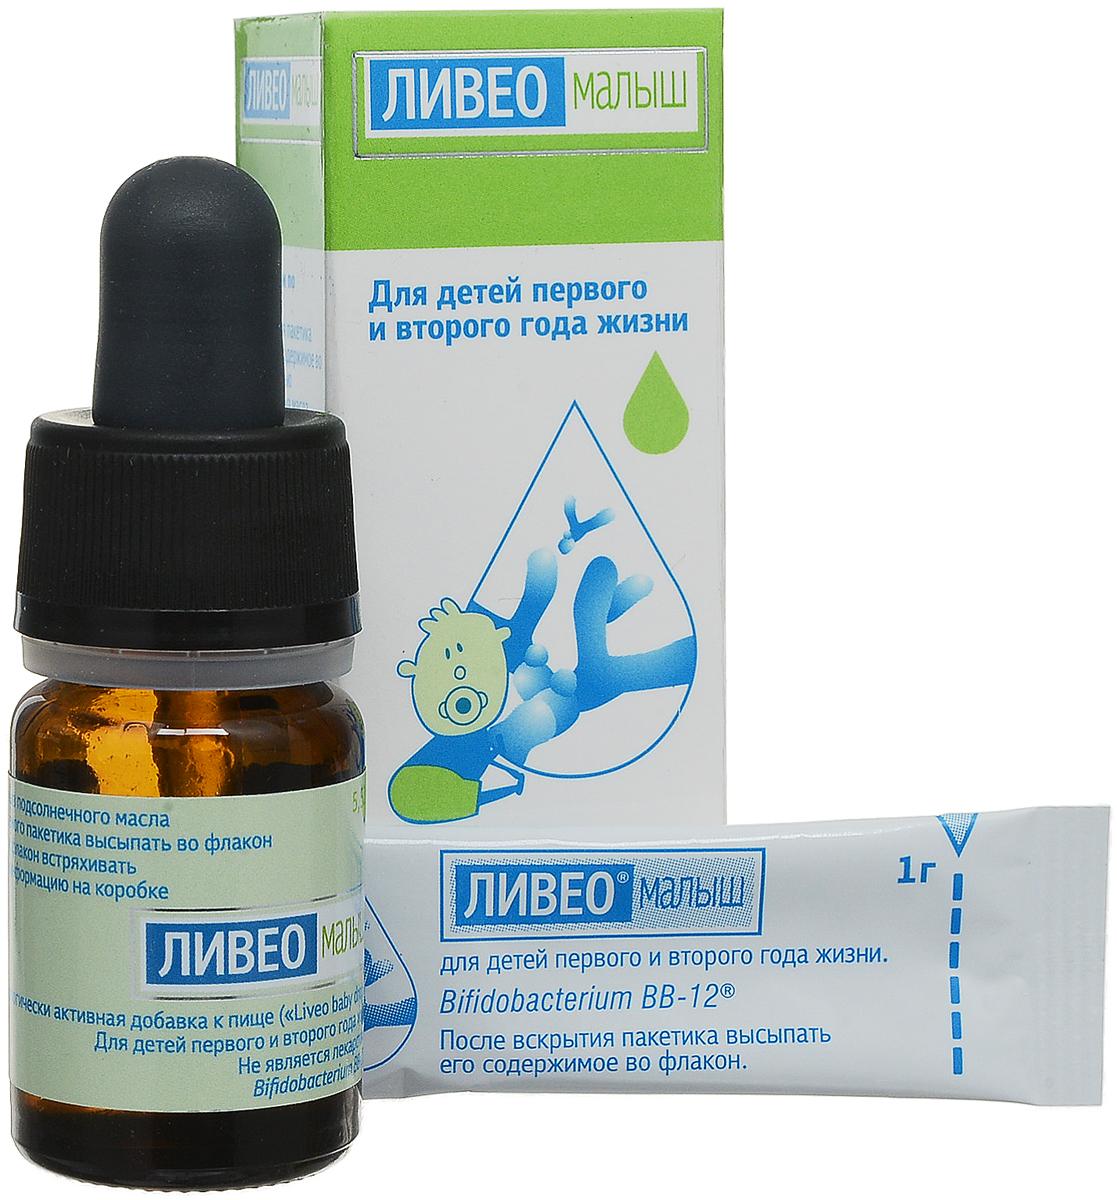 Ливео Малыш, набор для суспензии, 6,52 г214340Ливео малыш - восполняющее дефицит пробиотических молочно-кислых микроорганизмов.БАД к пище Ливео малыш используется как источник пробиотических микроорганизмов (бифидобактерий) у детей первого и второго года жизни и способствует восстановлению баланса кишечной микрофлоры.Бифидо- и кисломолочные бактерии - это естественные обитатели кишечного тракта, часть кишечной флоры, они необходимы как для пищеварительной системы, так и для общего здоровья человека. Прием комплекса пробиотических бактерий, содержащихся в БАД к пище Ливео, способствует нормализации микрофлоры кишечника. Сфера применения: Гастроэнтерология;Пробиотическое и пребиотическое.Не содержит лактозу, глютен, молочные белки, красители и ароматизаторы.Не содержит ГМО.Не является лекарственным средством.Не использовать в качестве заменителя полноценного и сбалансированного питания.Не превышать рекомендуемую суточную дозу. Благотворные бактерии Bifidobacterium BB-12, способствующие восстановлению и поддержанию естественной микрофлоры кишечника.Особые сахара - фруктоолигосахариды или так называемые - пребиотики, способствующее более быстрому и эффективному заселению кишечника бактериями. Товар сертифицирован.